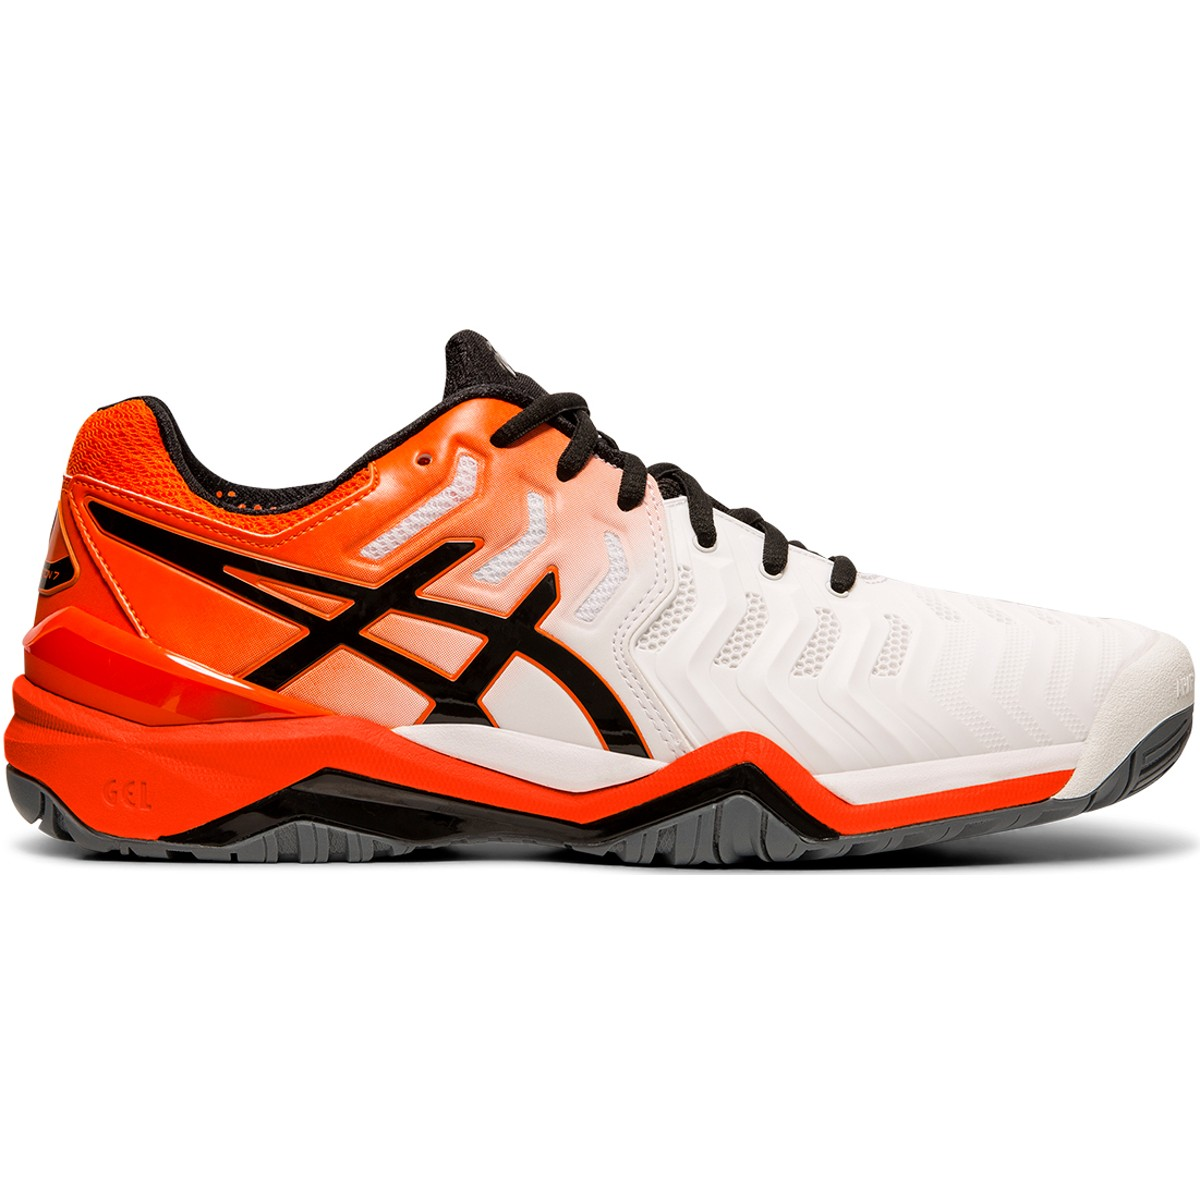 7 Tennis De Toutes Asics Chaussures Résolutions Surfaces